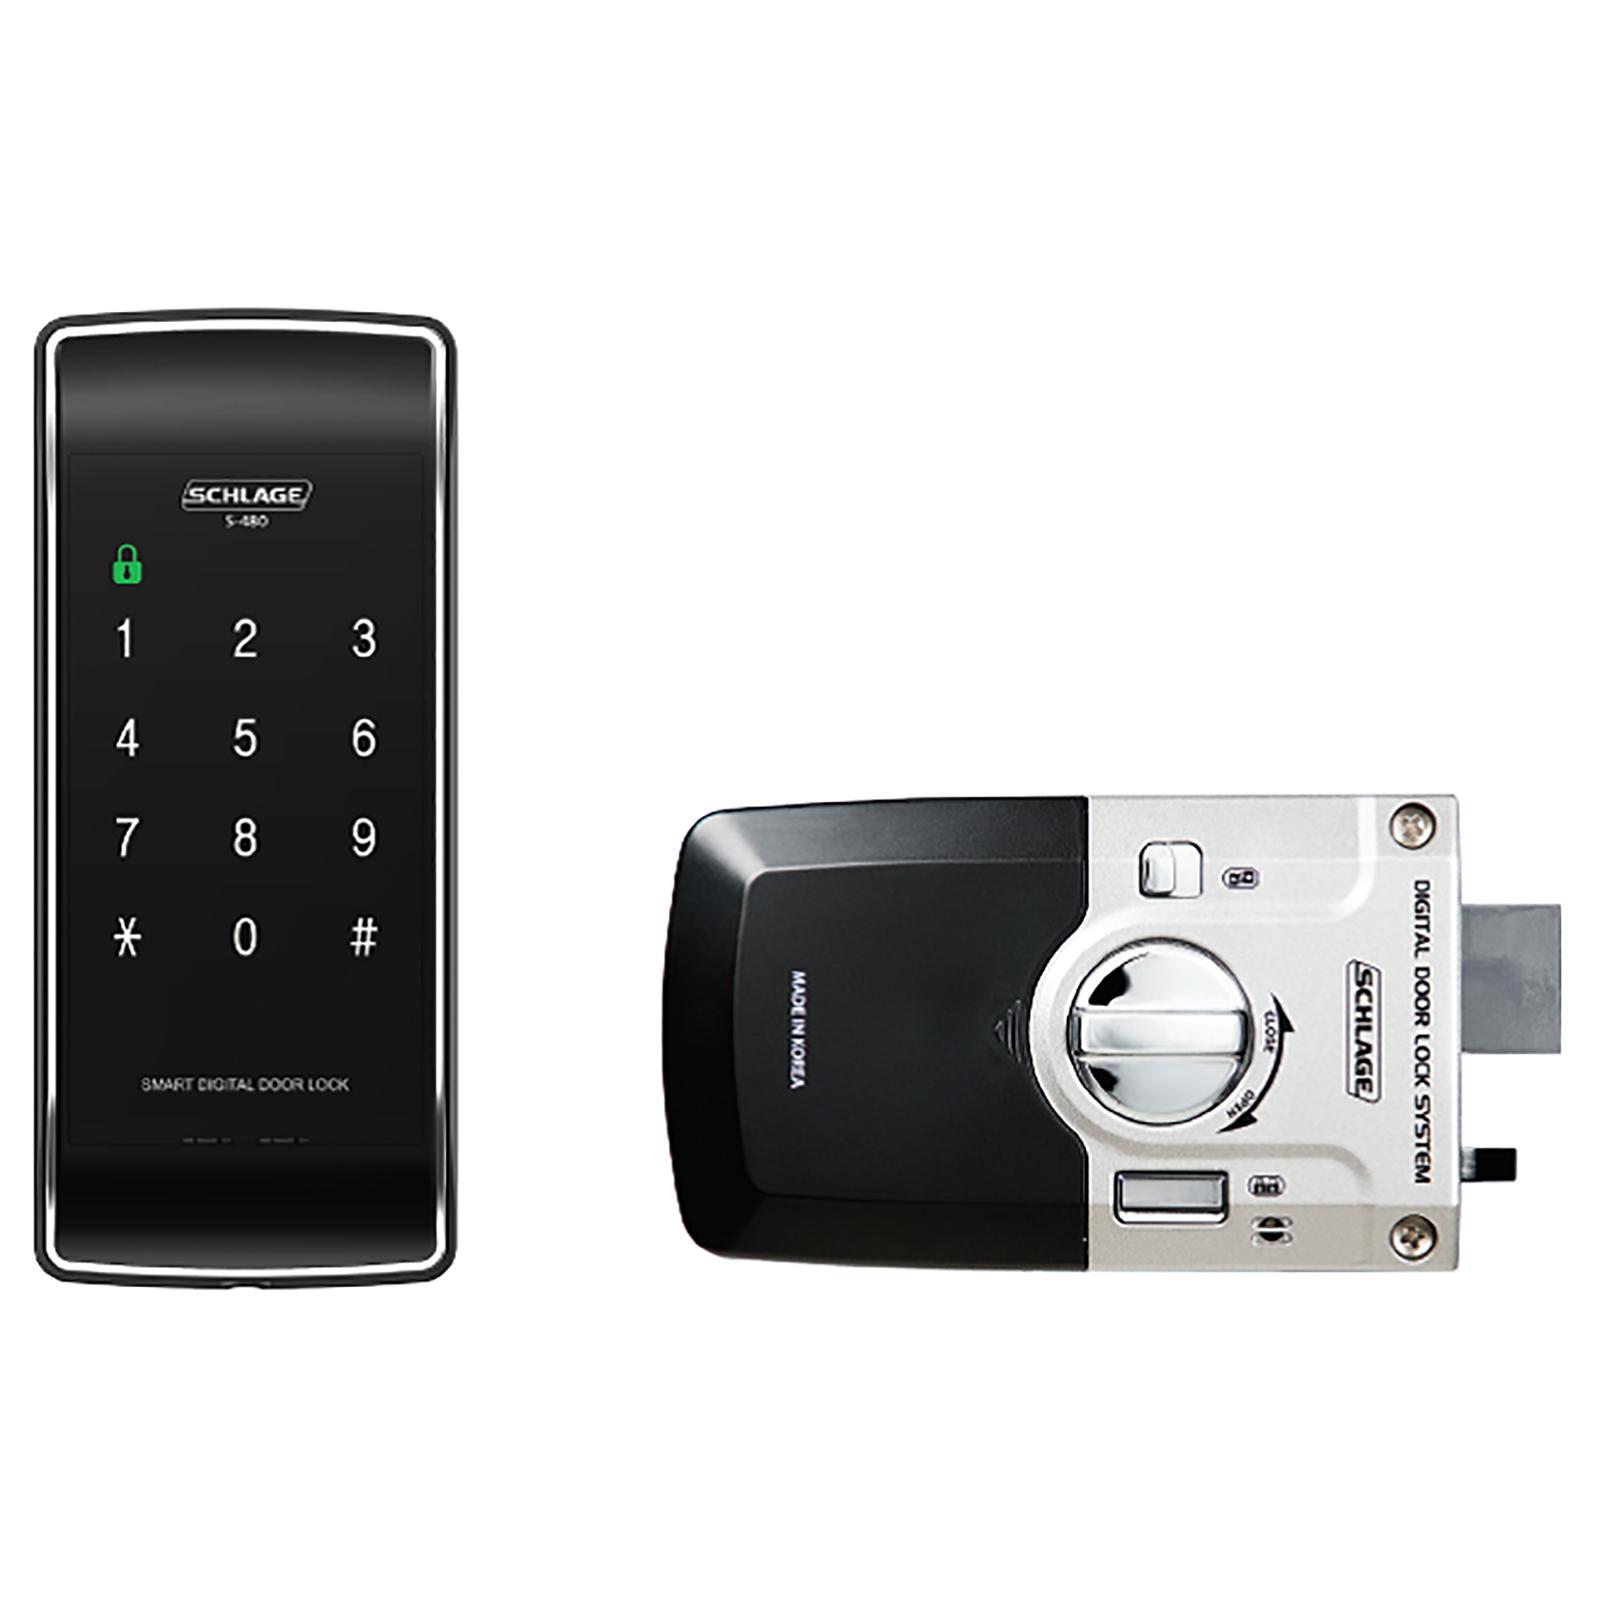 Schlage Black S-480 Digital Touchpad Rim Lock